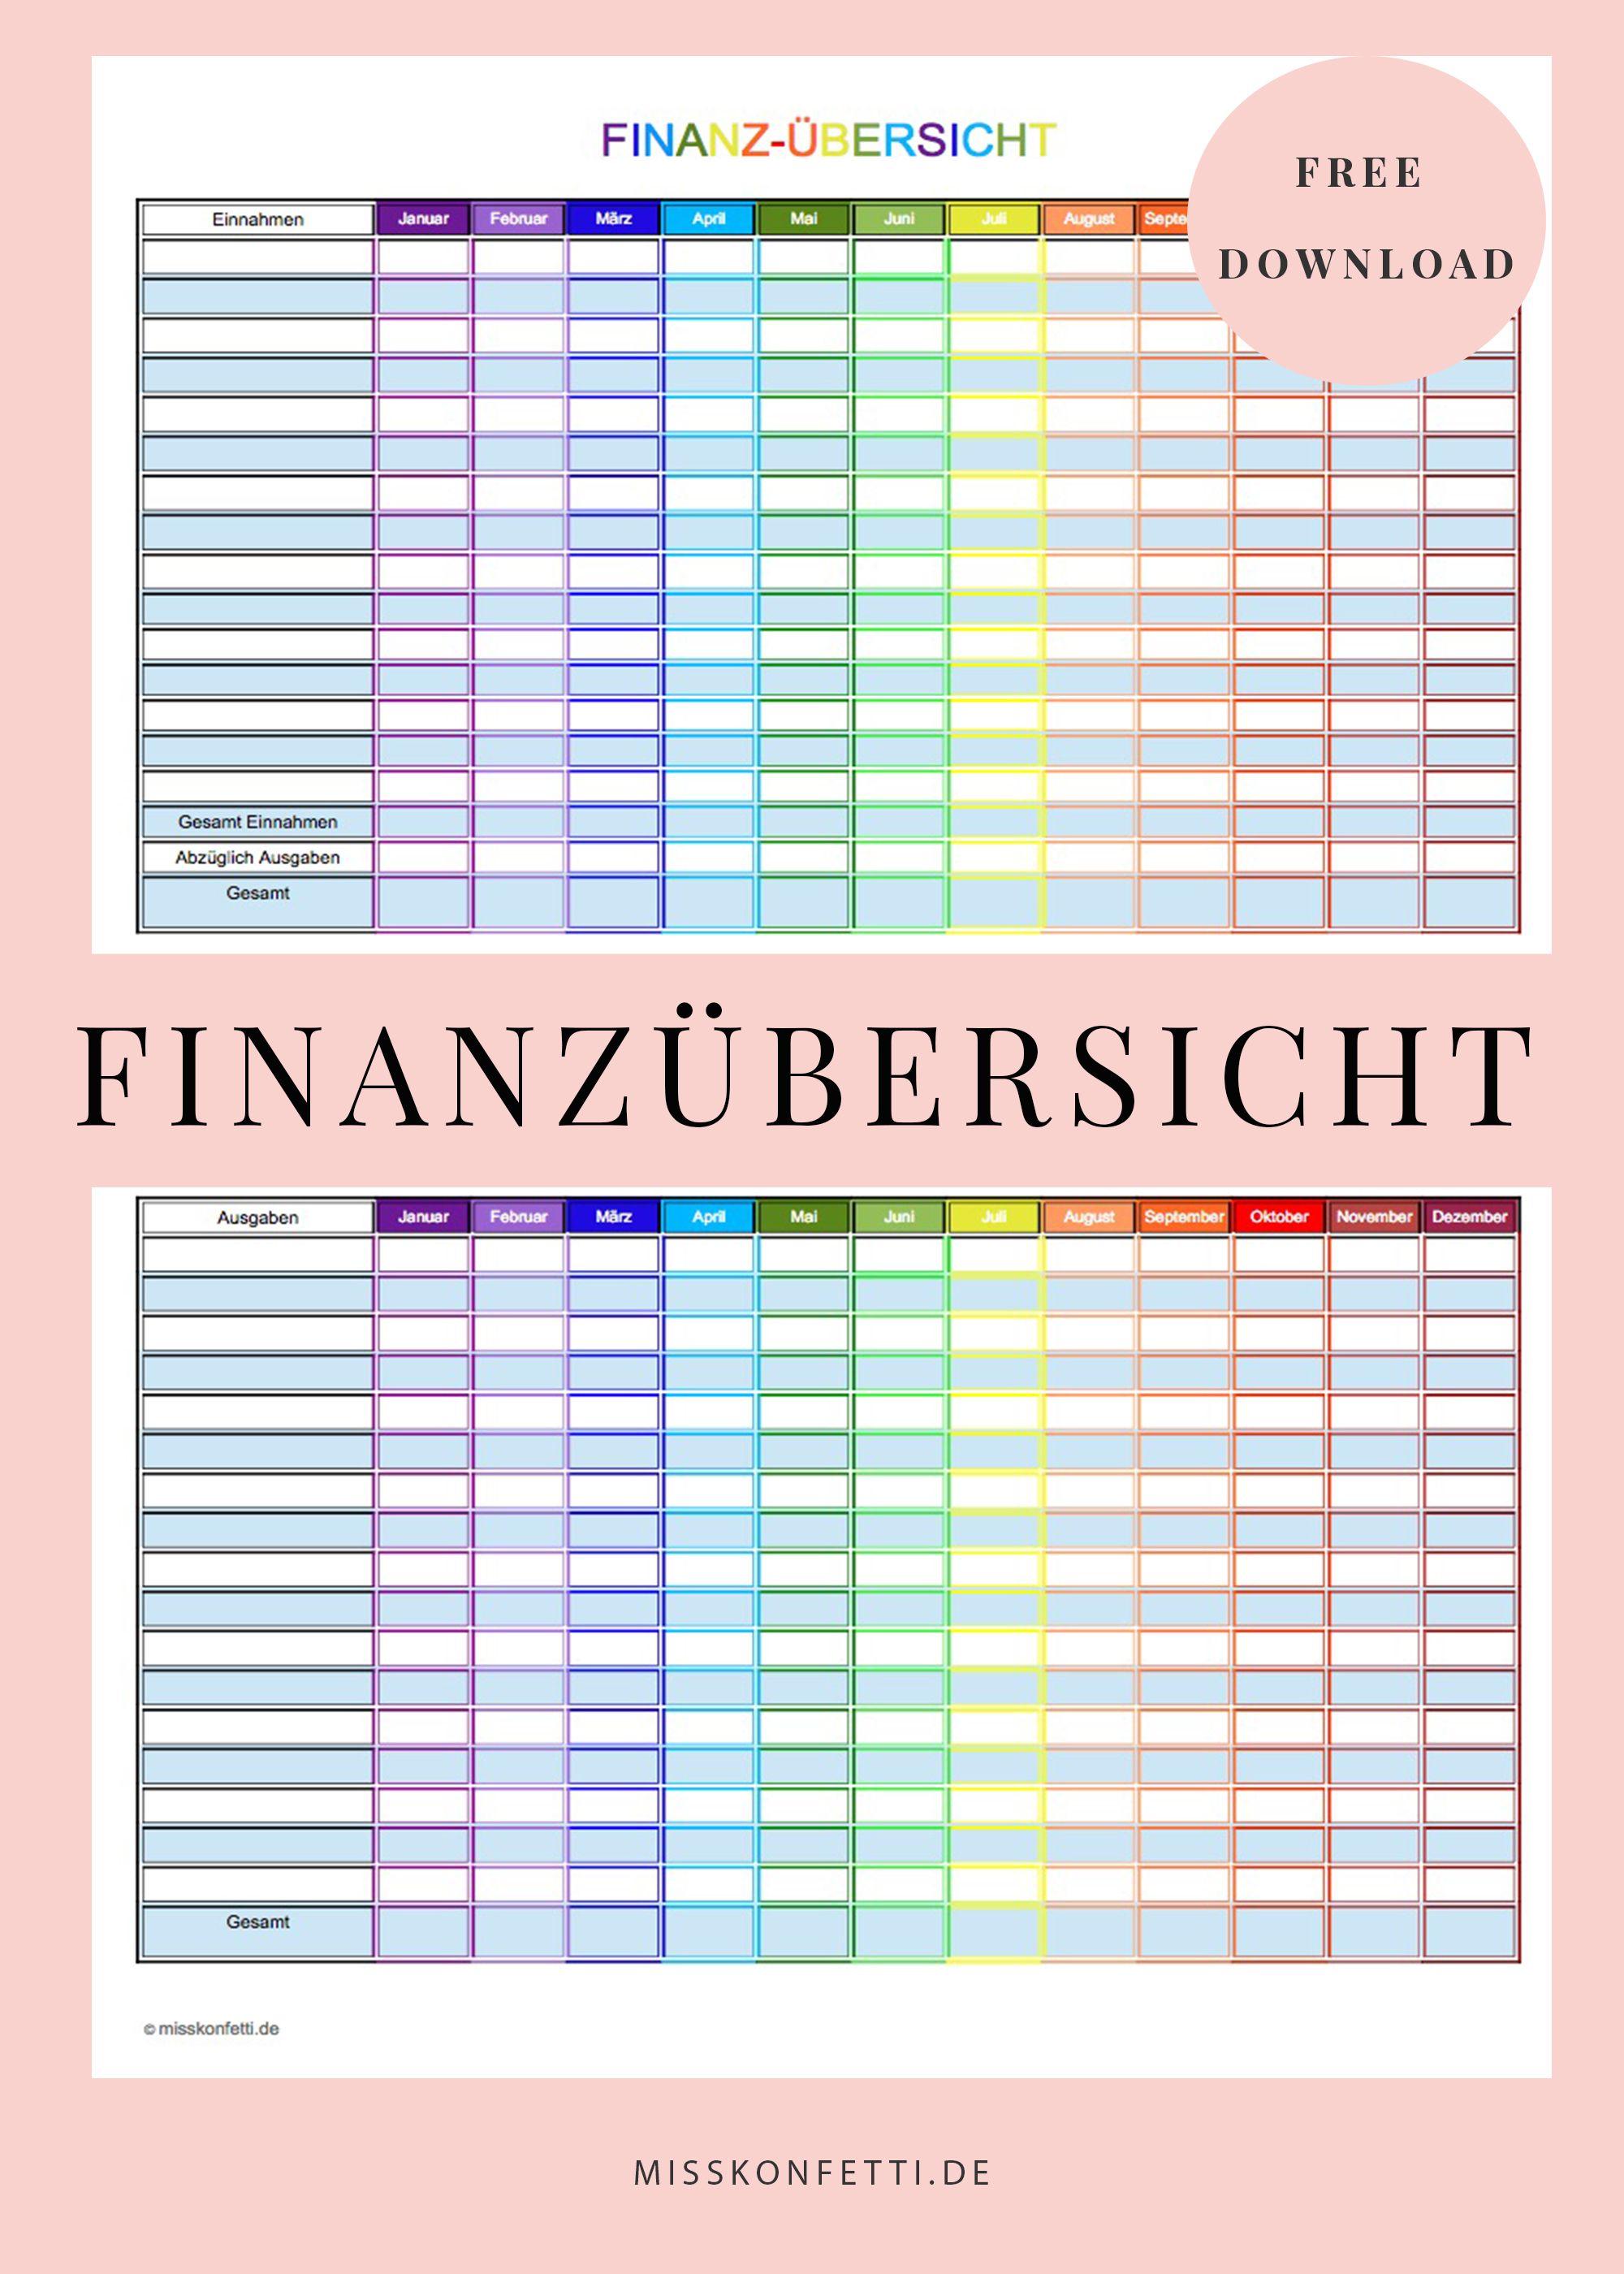 Finanzen im Griff mit dem Haushaltsbuch | Kostenplan | Pinterest ...